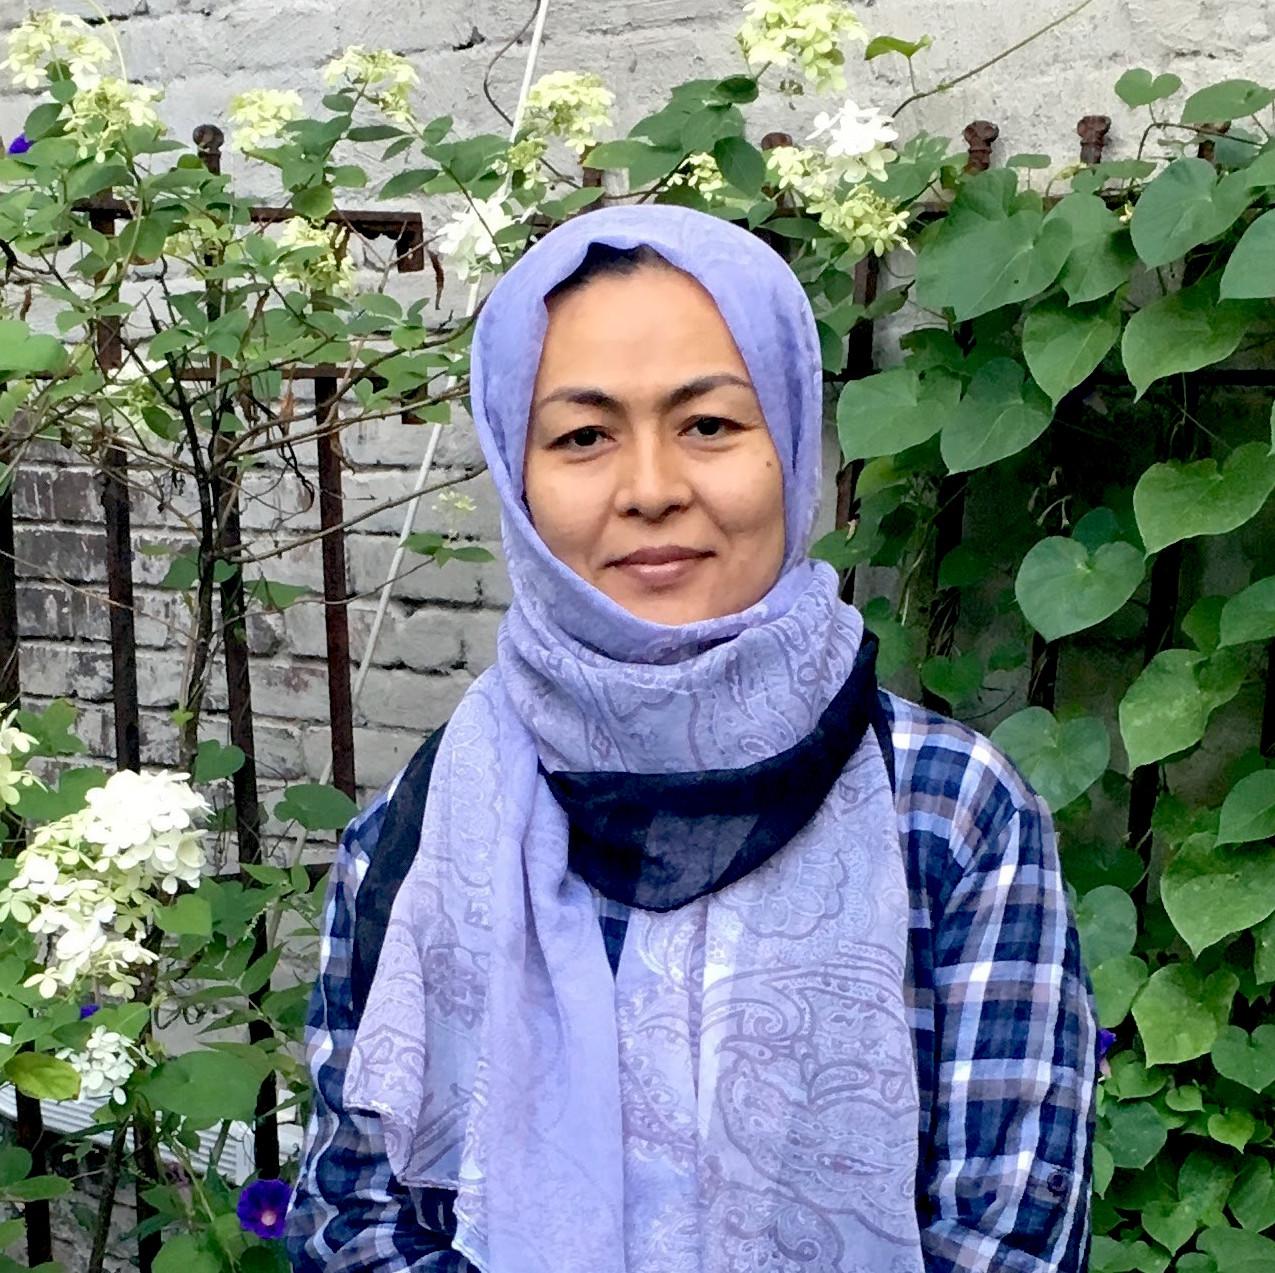 Naseema, Afghanistan